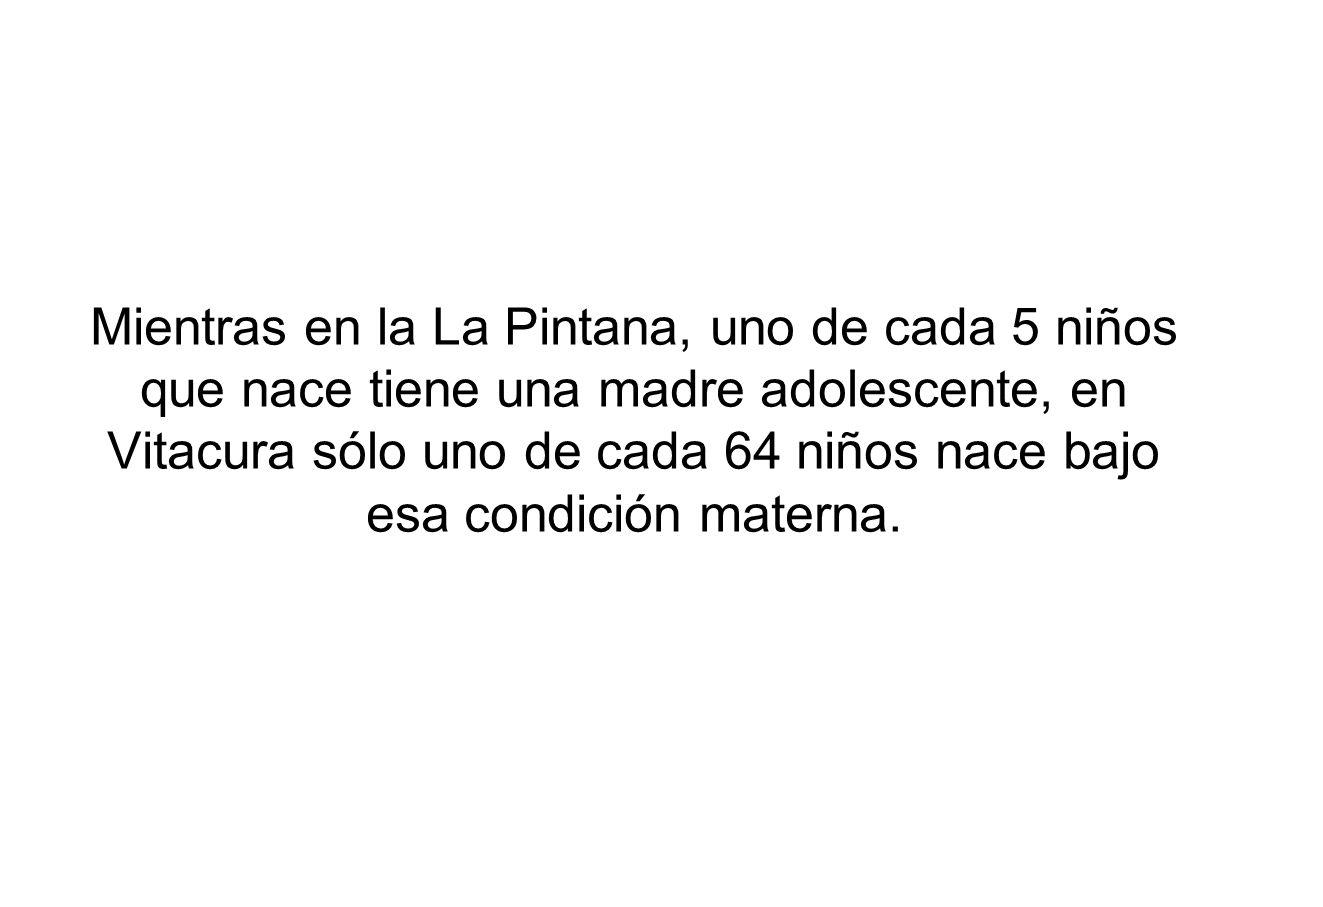 Mientras en la La Pintana, uno de cada 5 niños que nace tiene una madre adolescente, en Vitacura sólo uno de cada 64 niños nace bajo esa condición mat